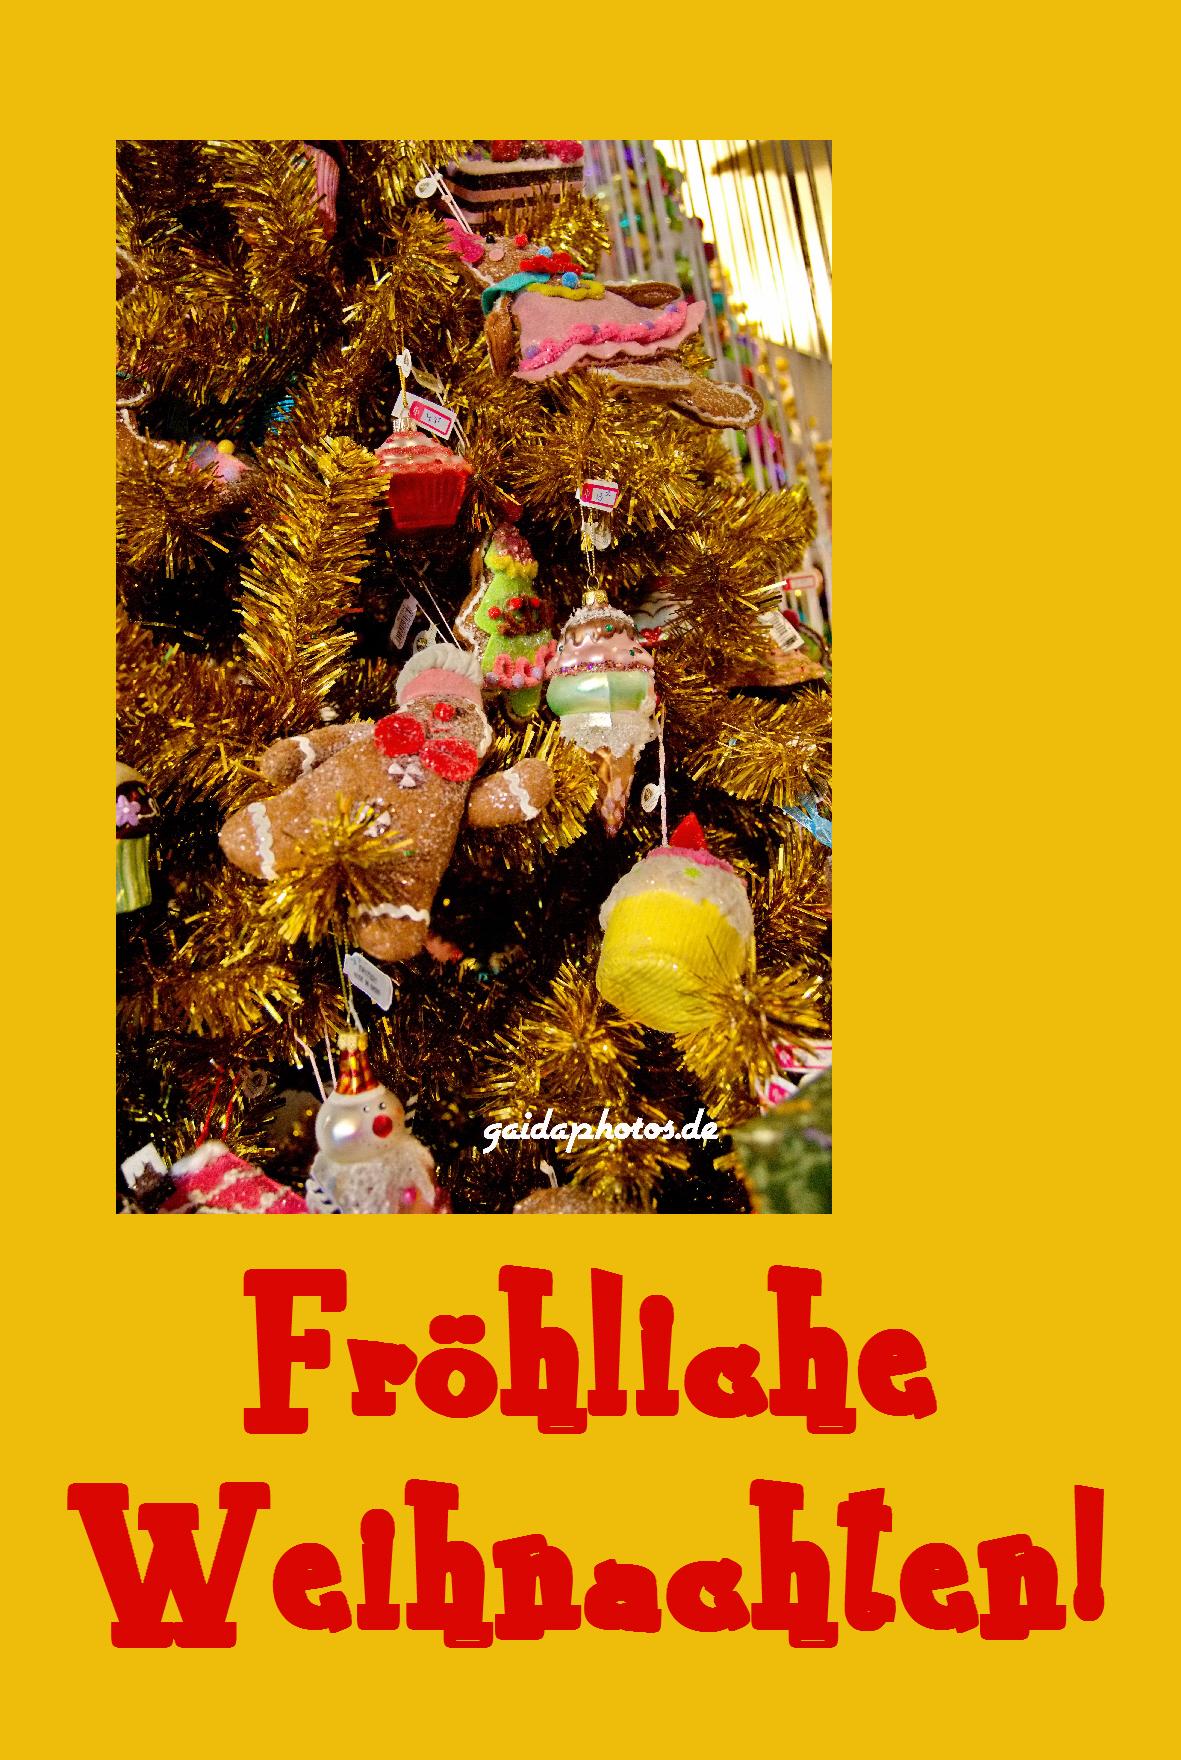 Kostenlose weihnachtskarten mit weihnachtsbaum - Kostenlose weihnachtskarten ...